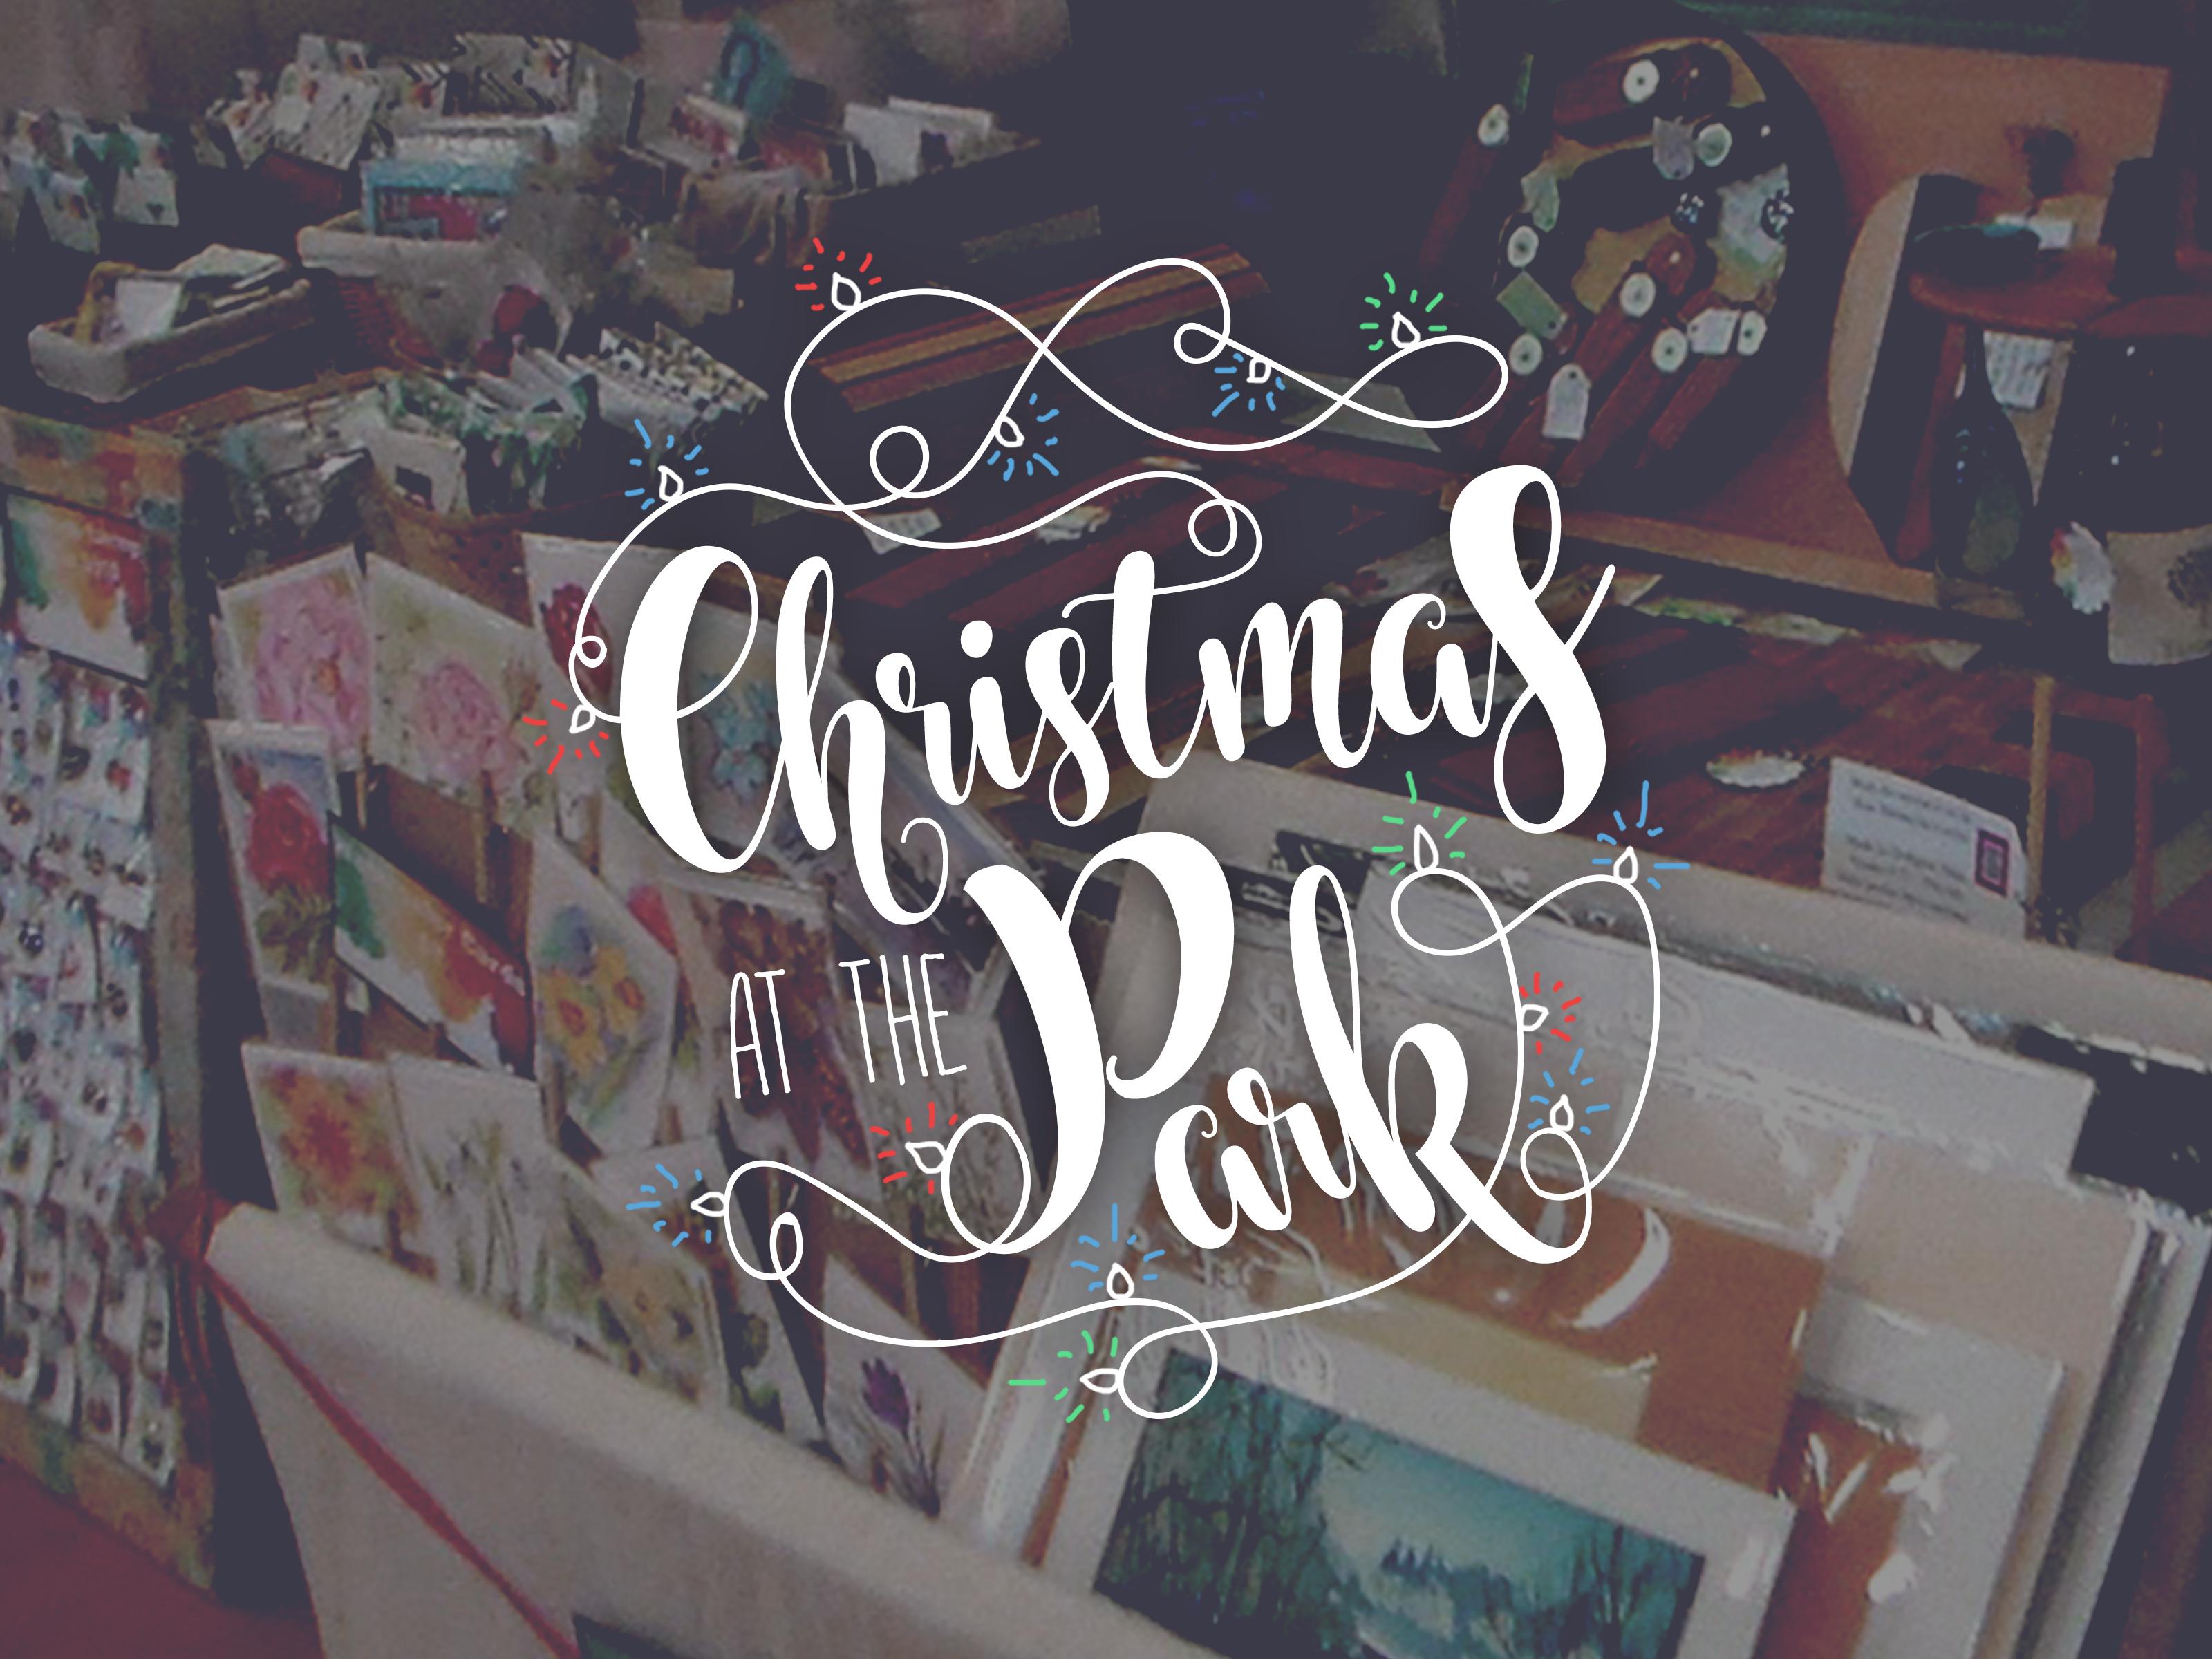 Christmasatthepark vendors 2016